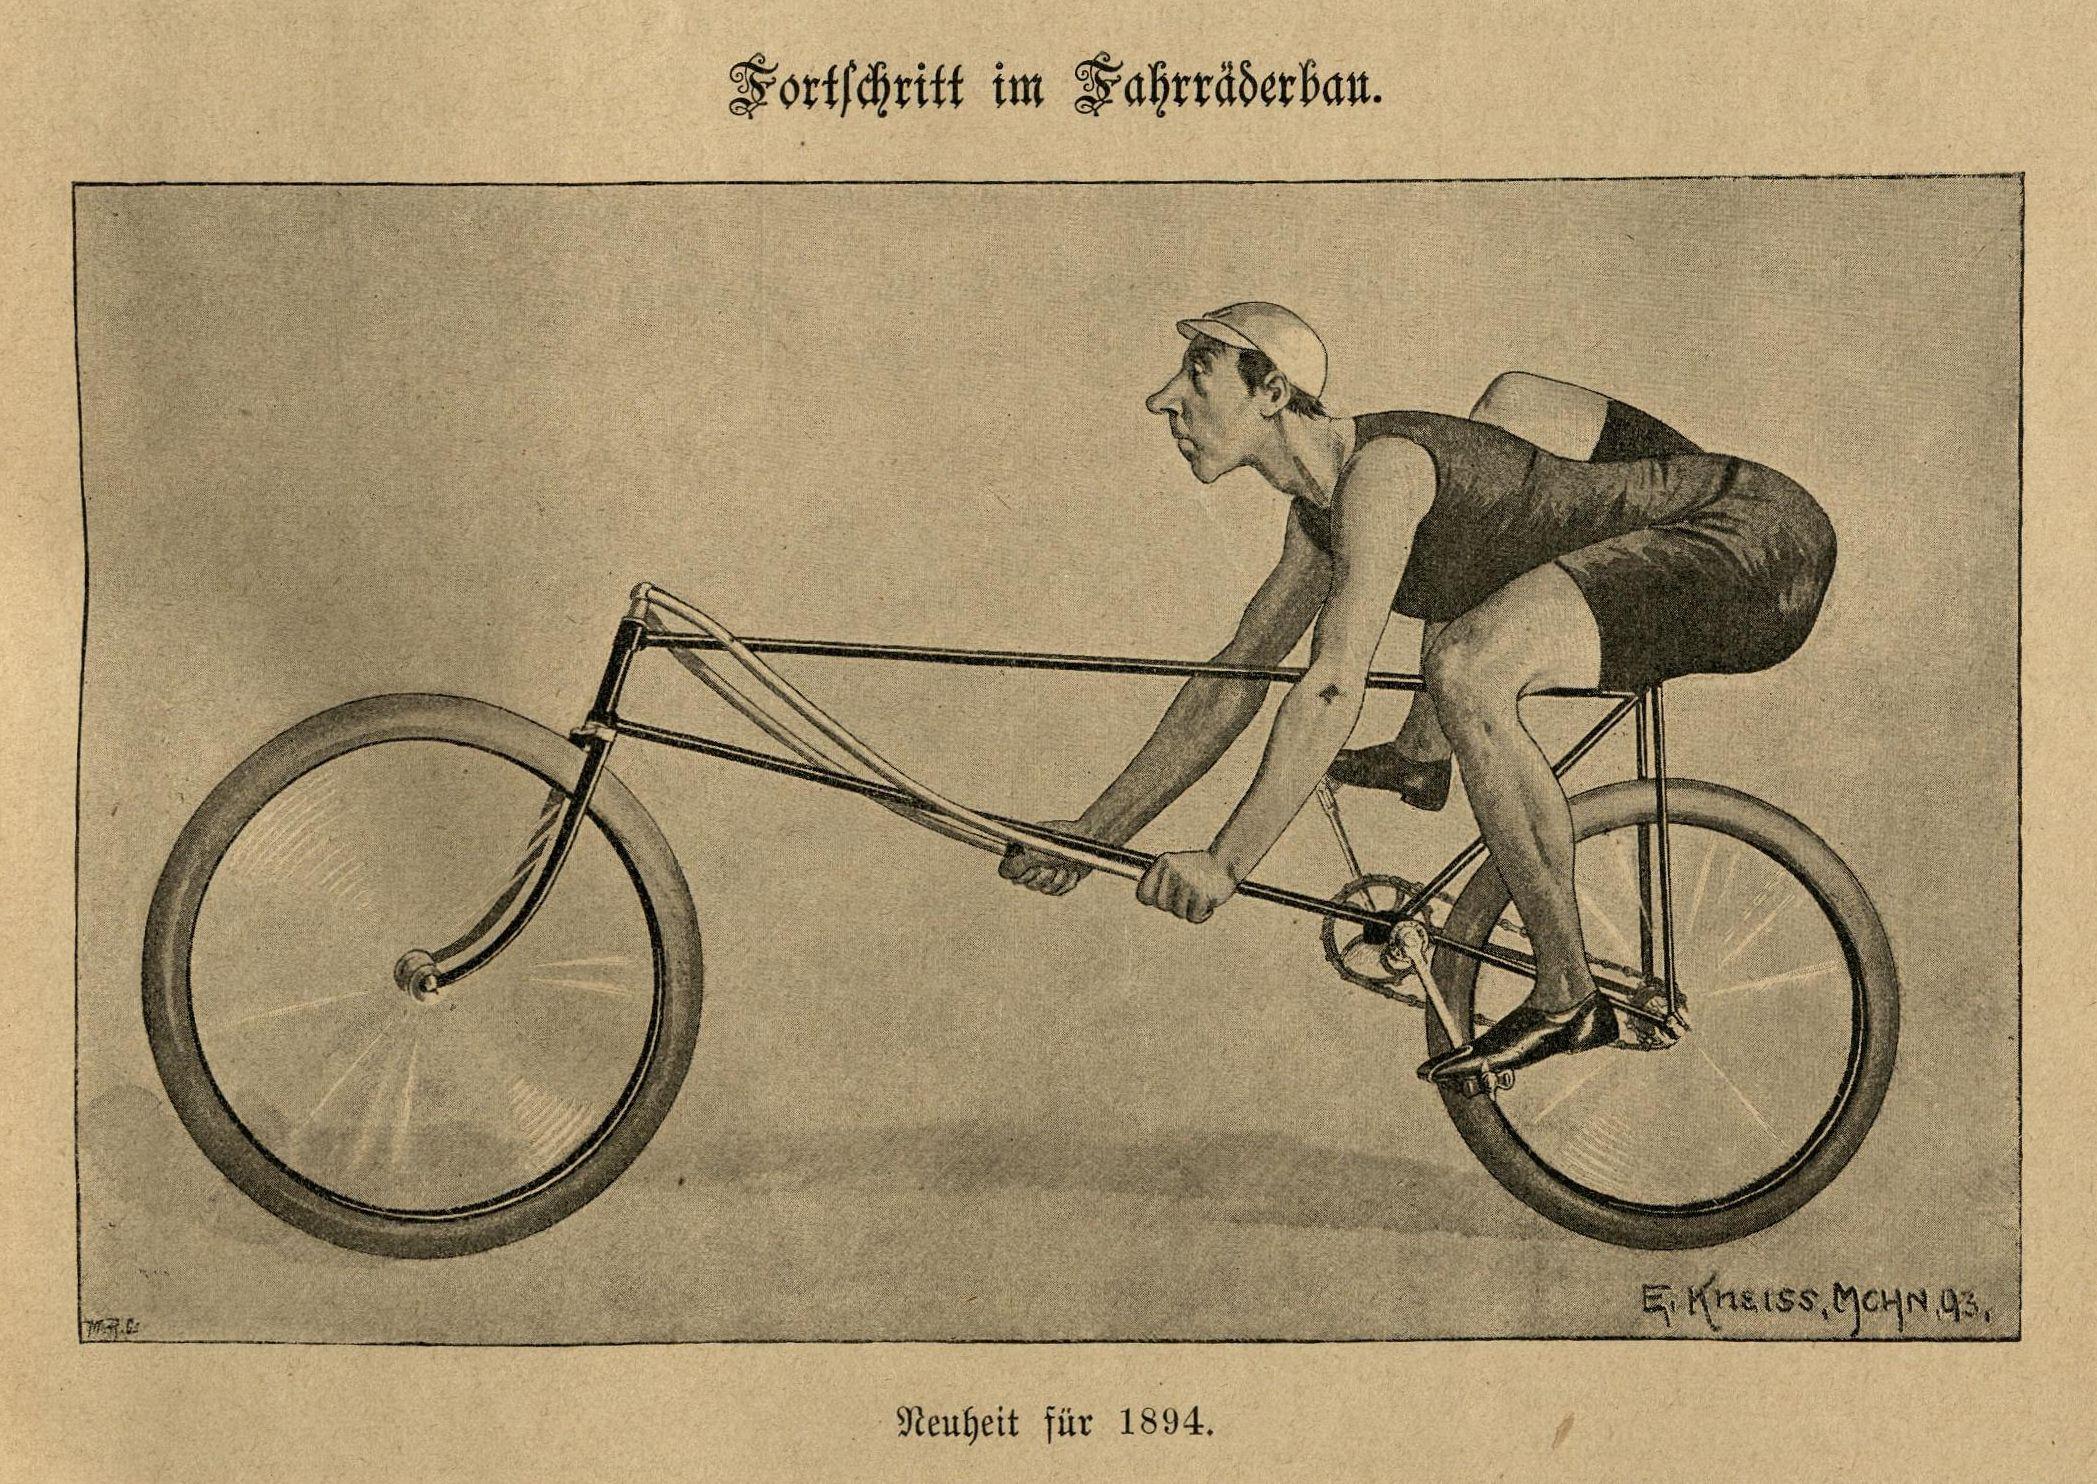 Bild: Fortschritt im Fahrräderbau: der Oberkörper ist völlig nach vorne gebeugt